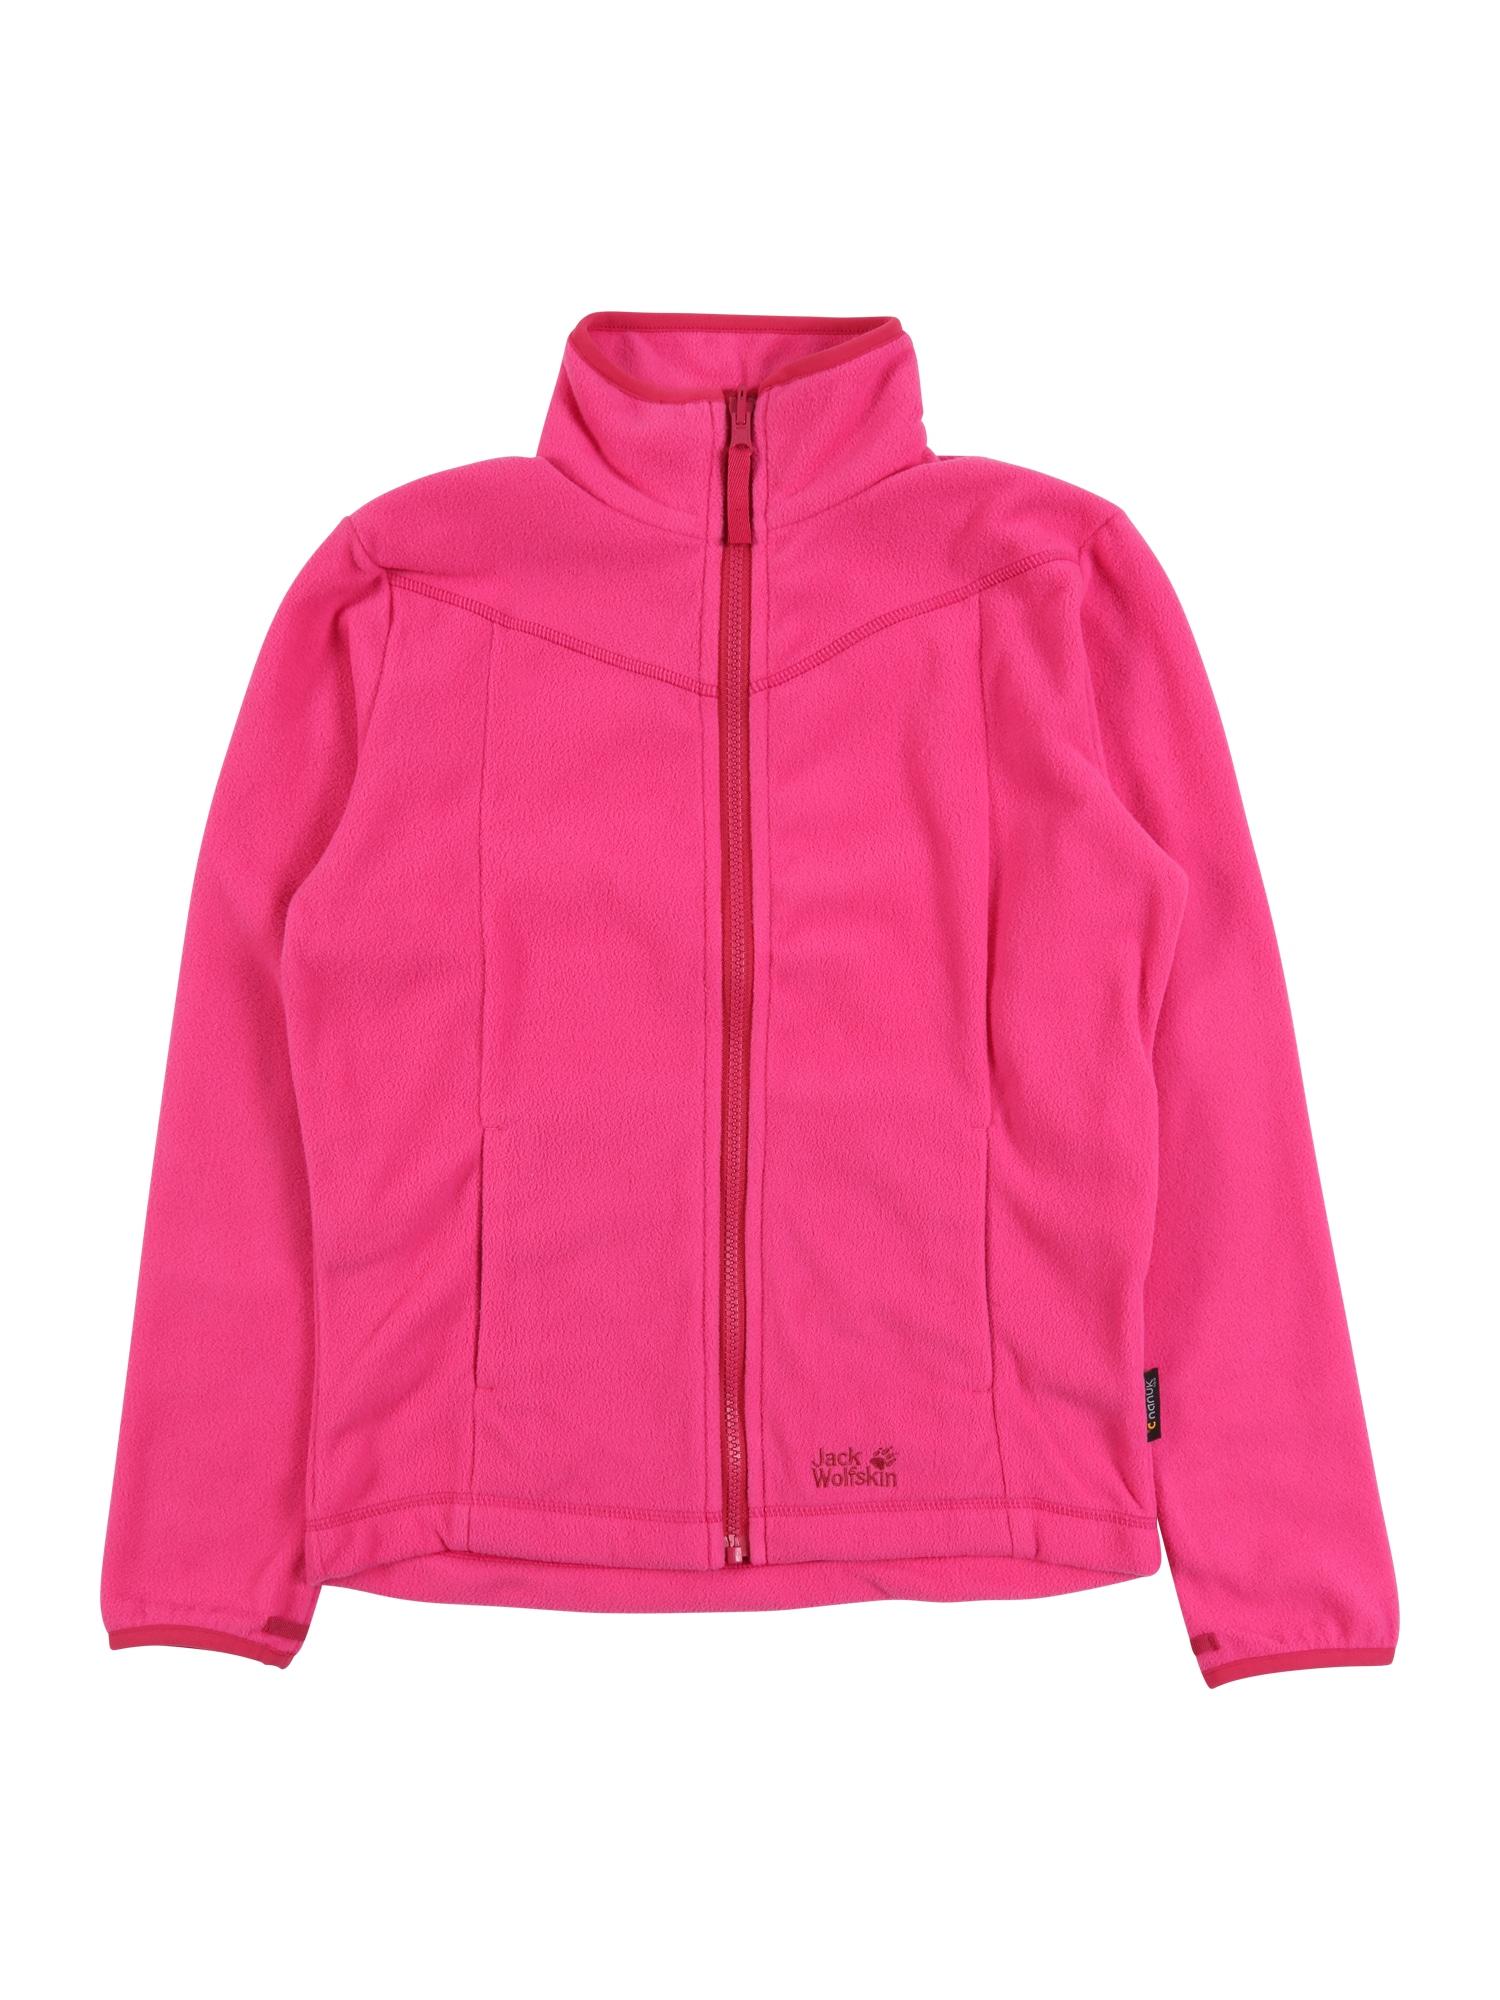 JACK WOLFSKIN Flisinis džemperis 'Sandpiper' tamsiai rožinė